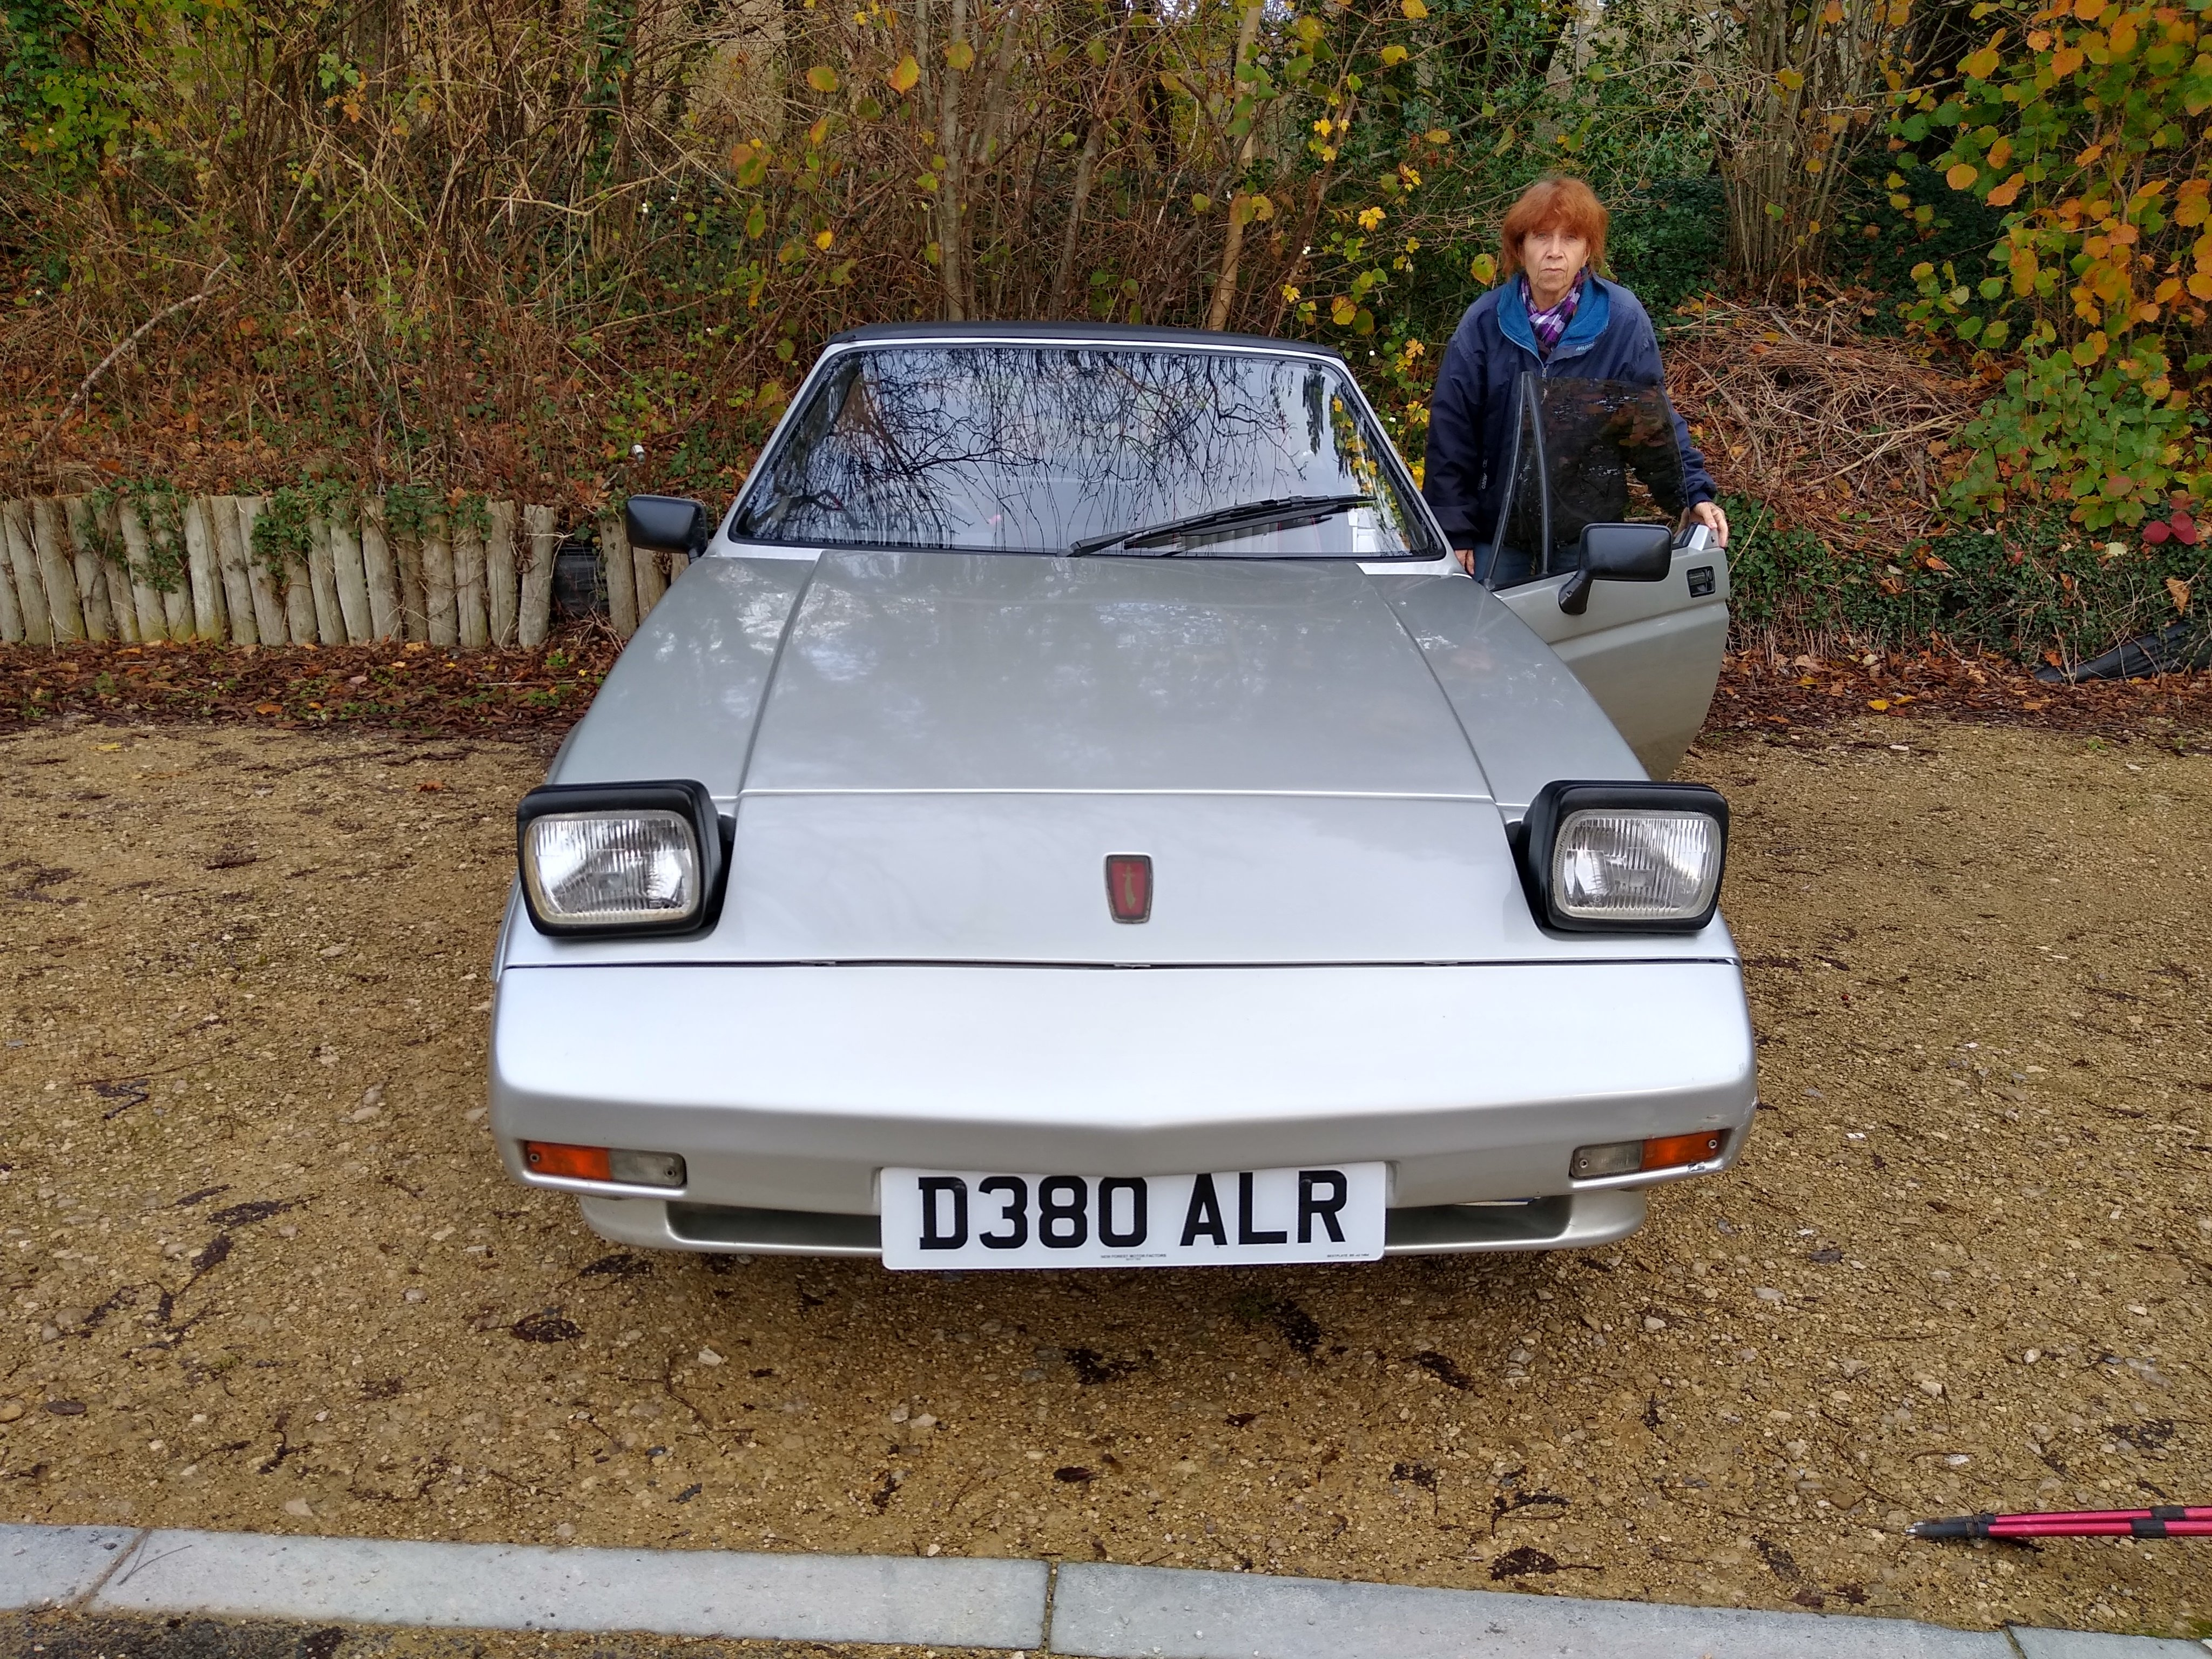 Picture of 1986 Scimitar SSI (Small Sports) 1800 turbo